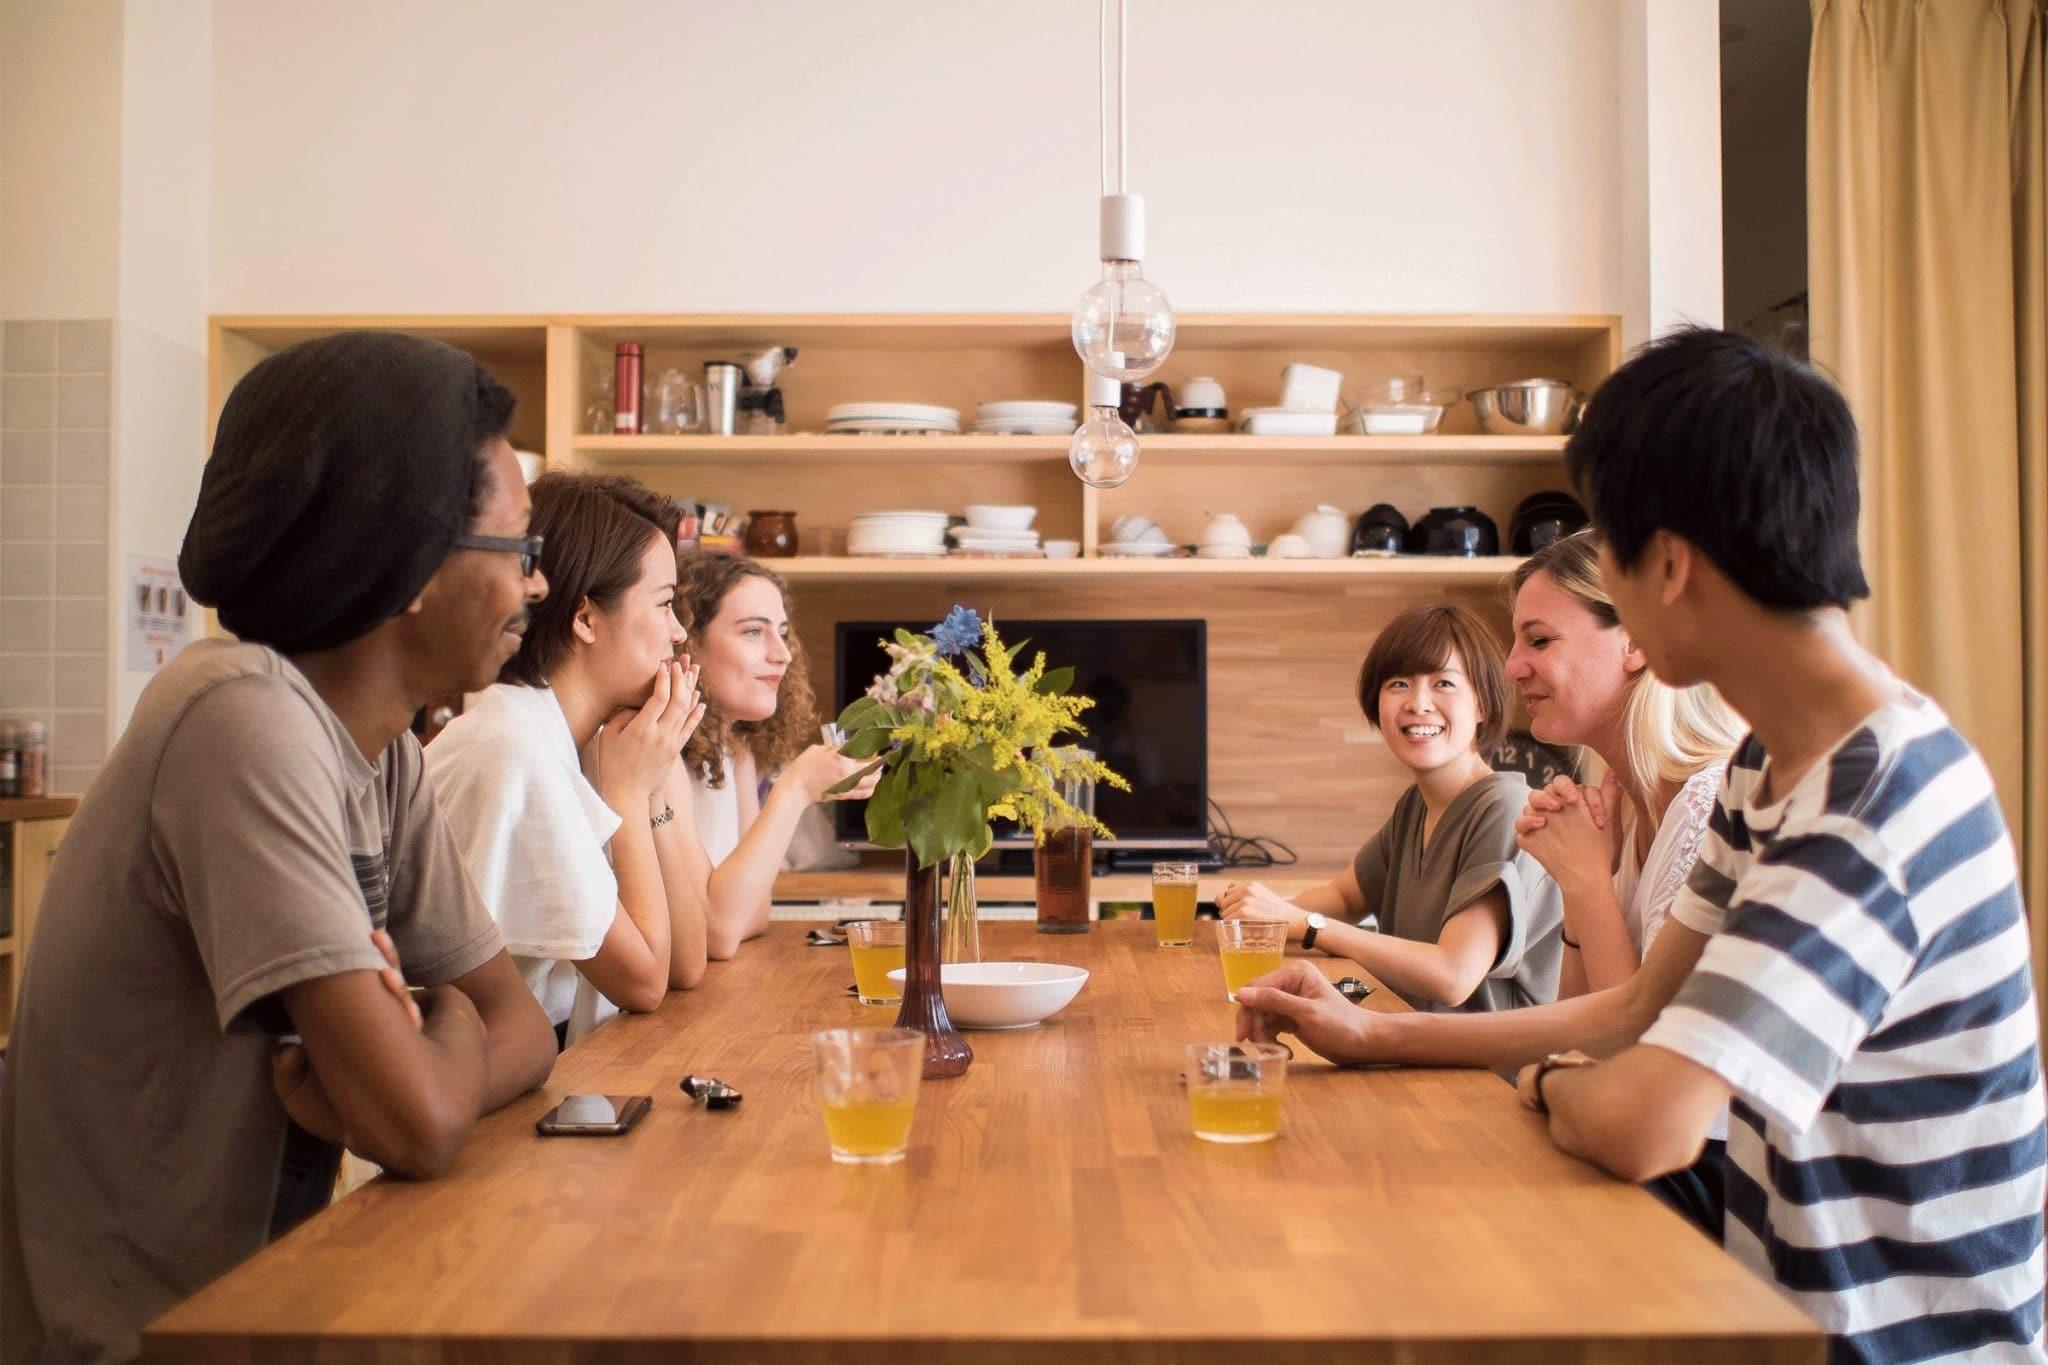 異文化との直接的な関わりを生む交流機会を提供